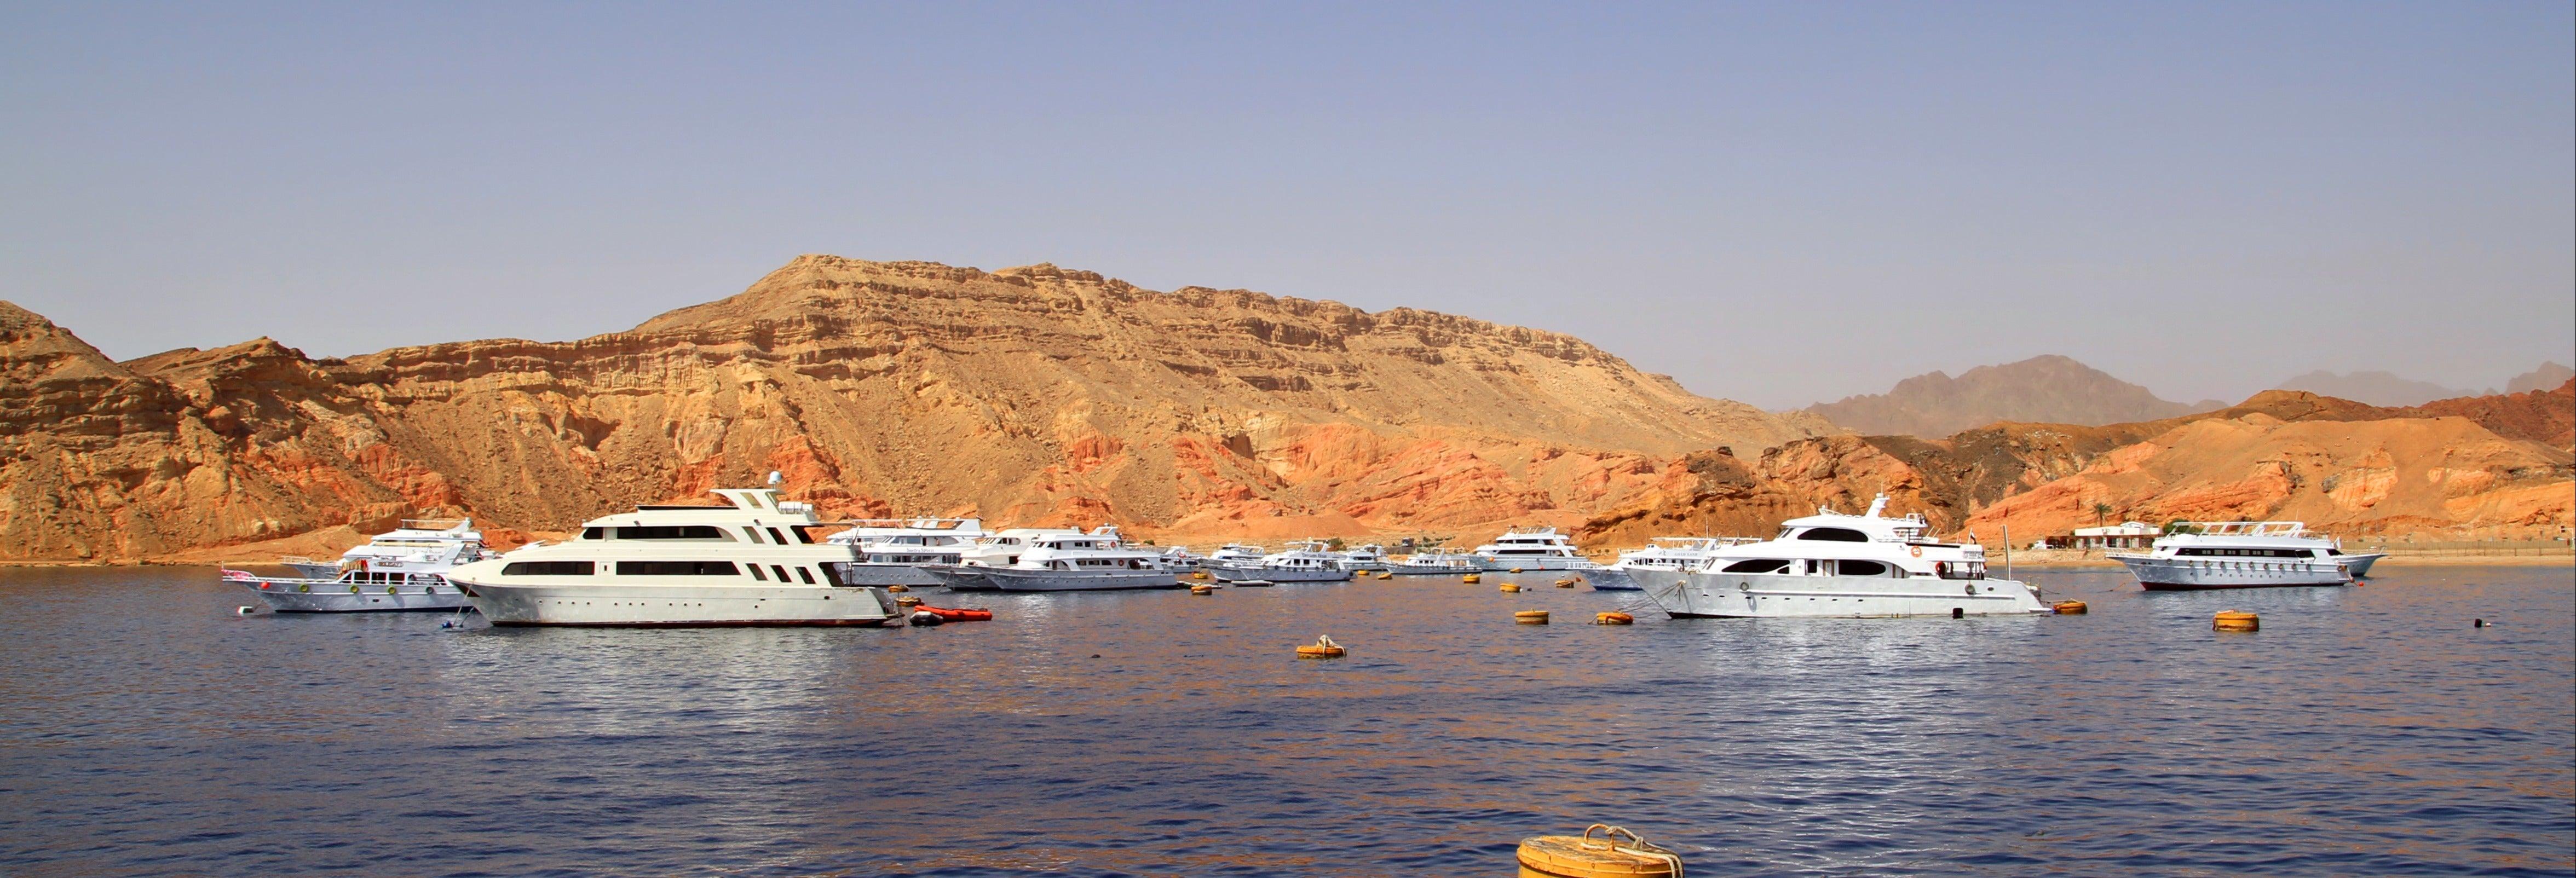 Crucero de 4 días por el lago Nasser